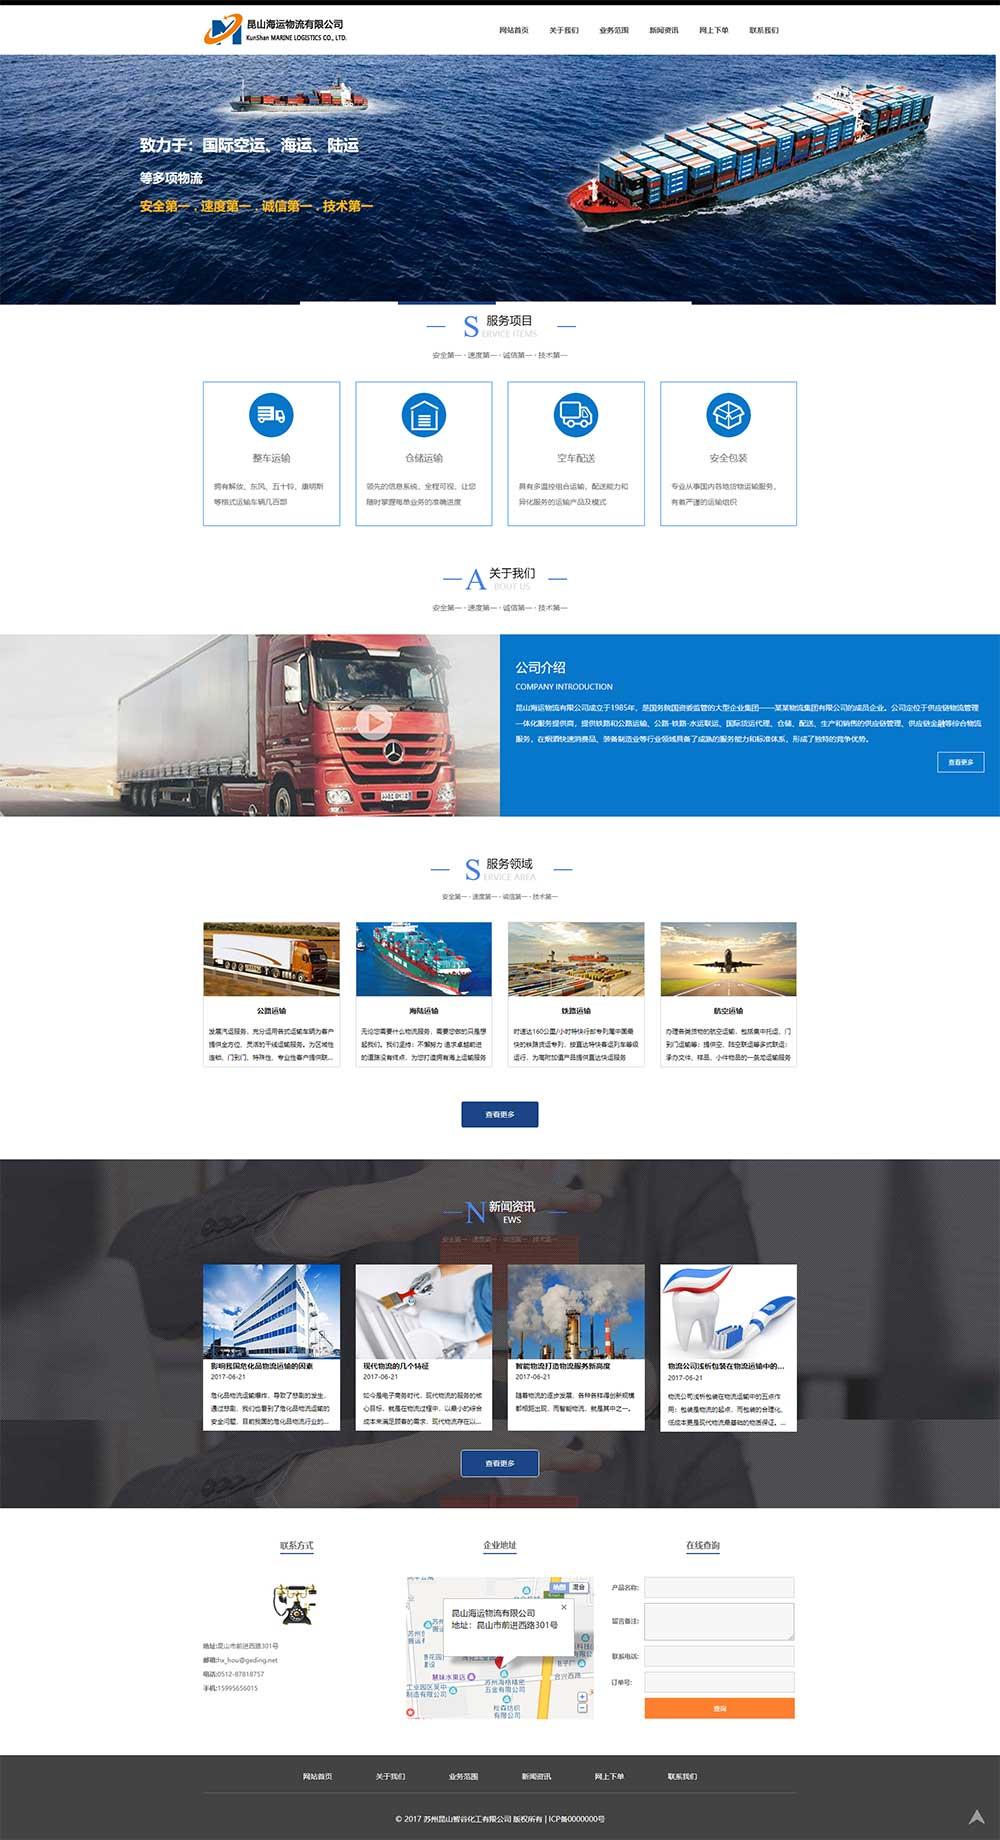 蓝色大气的海运物流公司网站模板